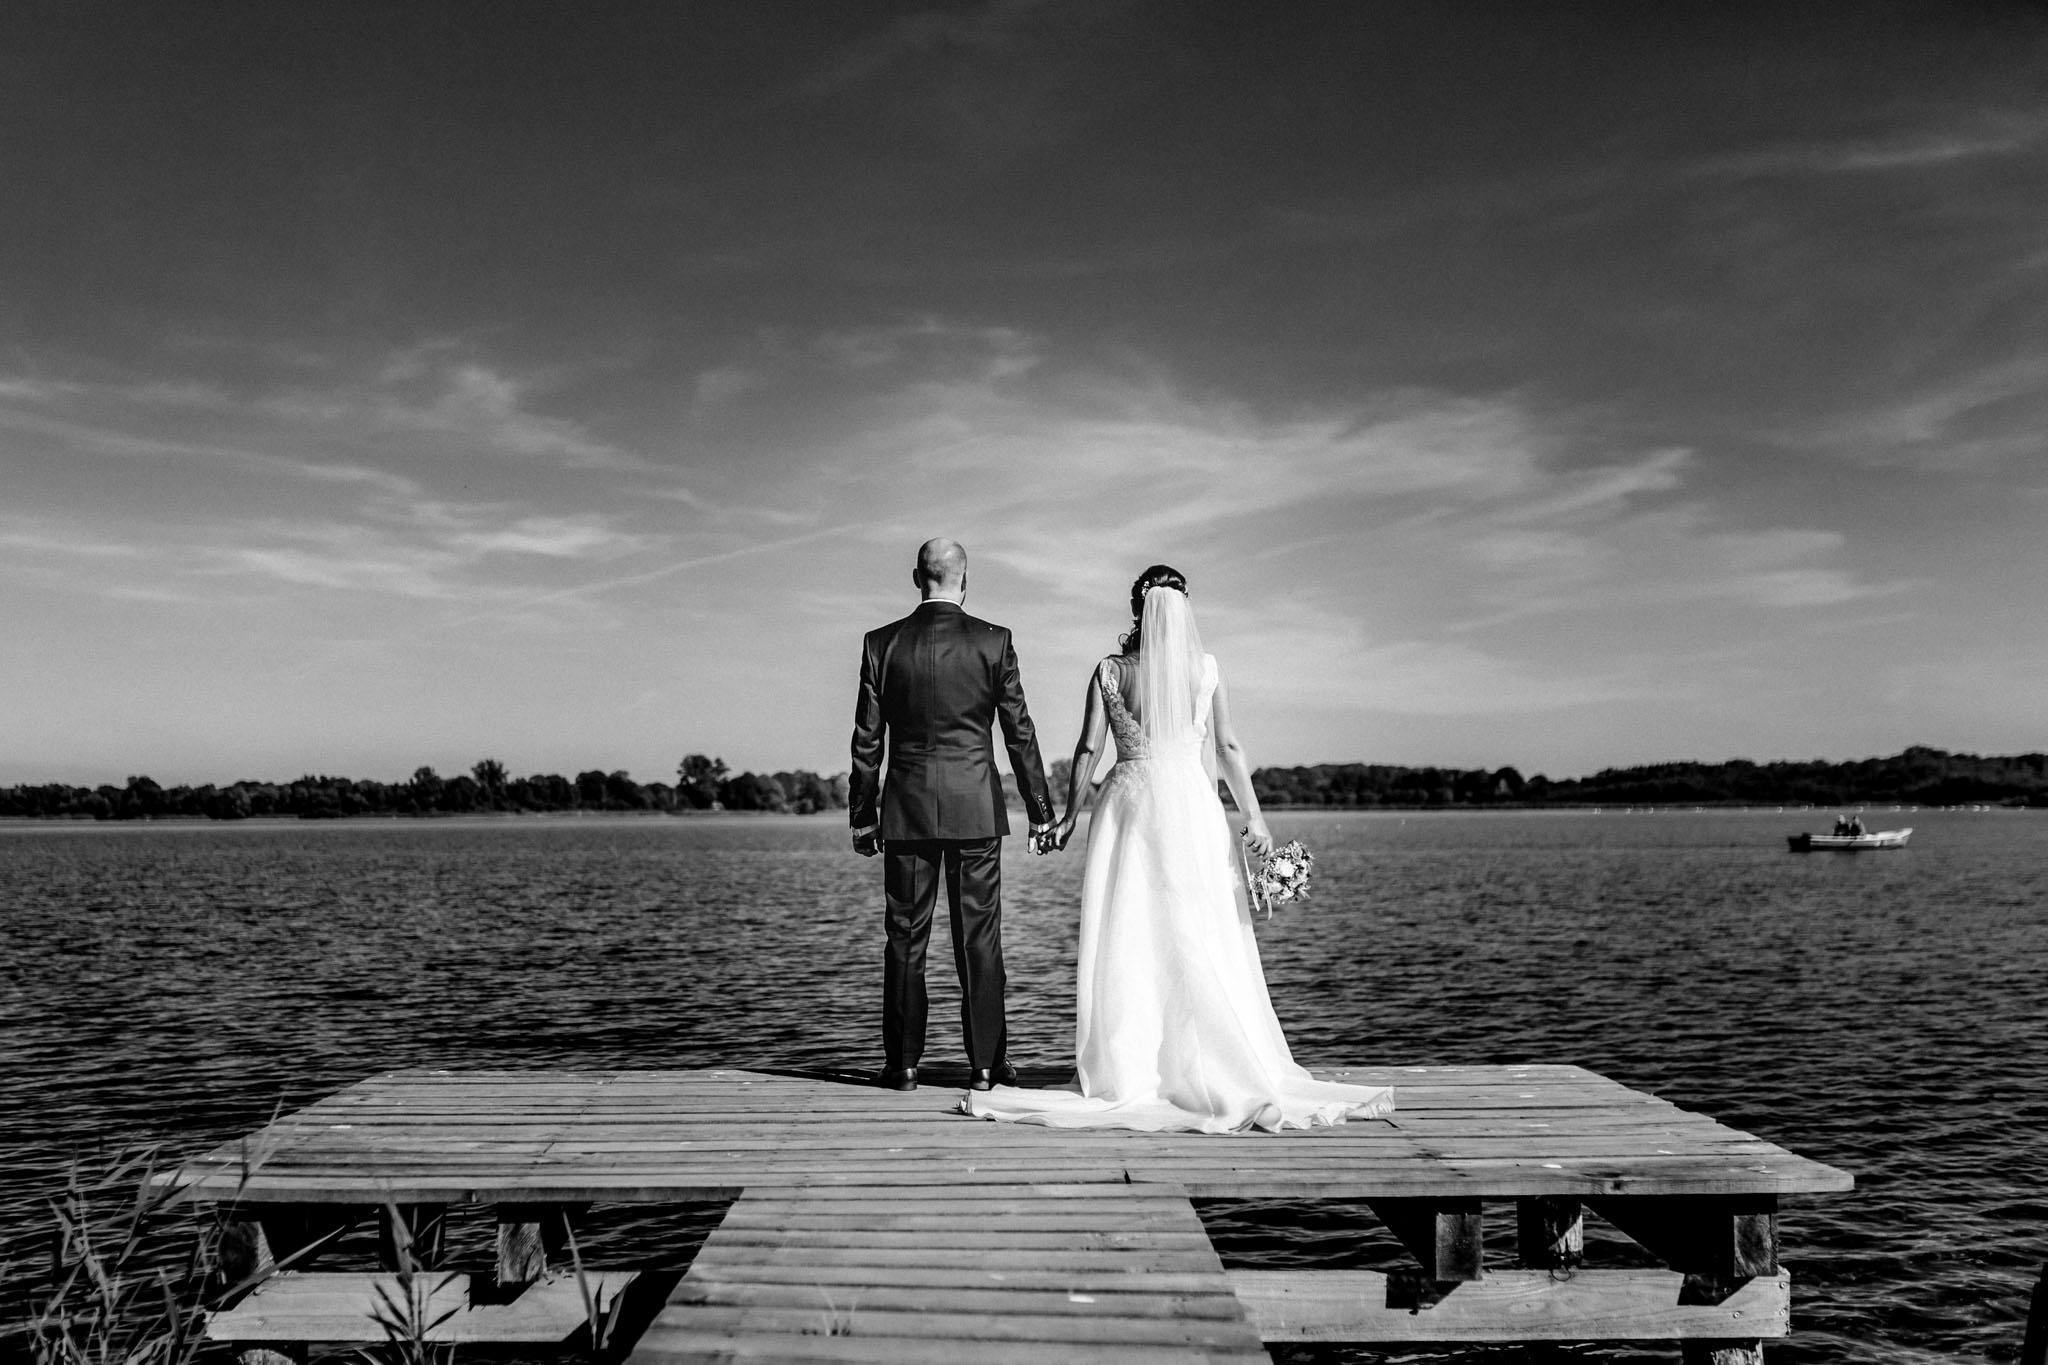 Hochzeitsfieber by Photo-Schomburg, Hochzeitsfotograf, Hamburg,Hochzeitstag, Hochzeitspaar, Braut, Bräutigam, Literaturhauscafe Zarrentin-77